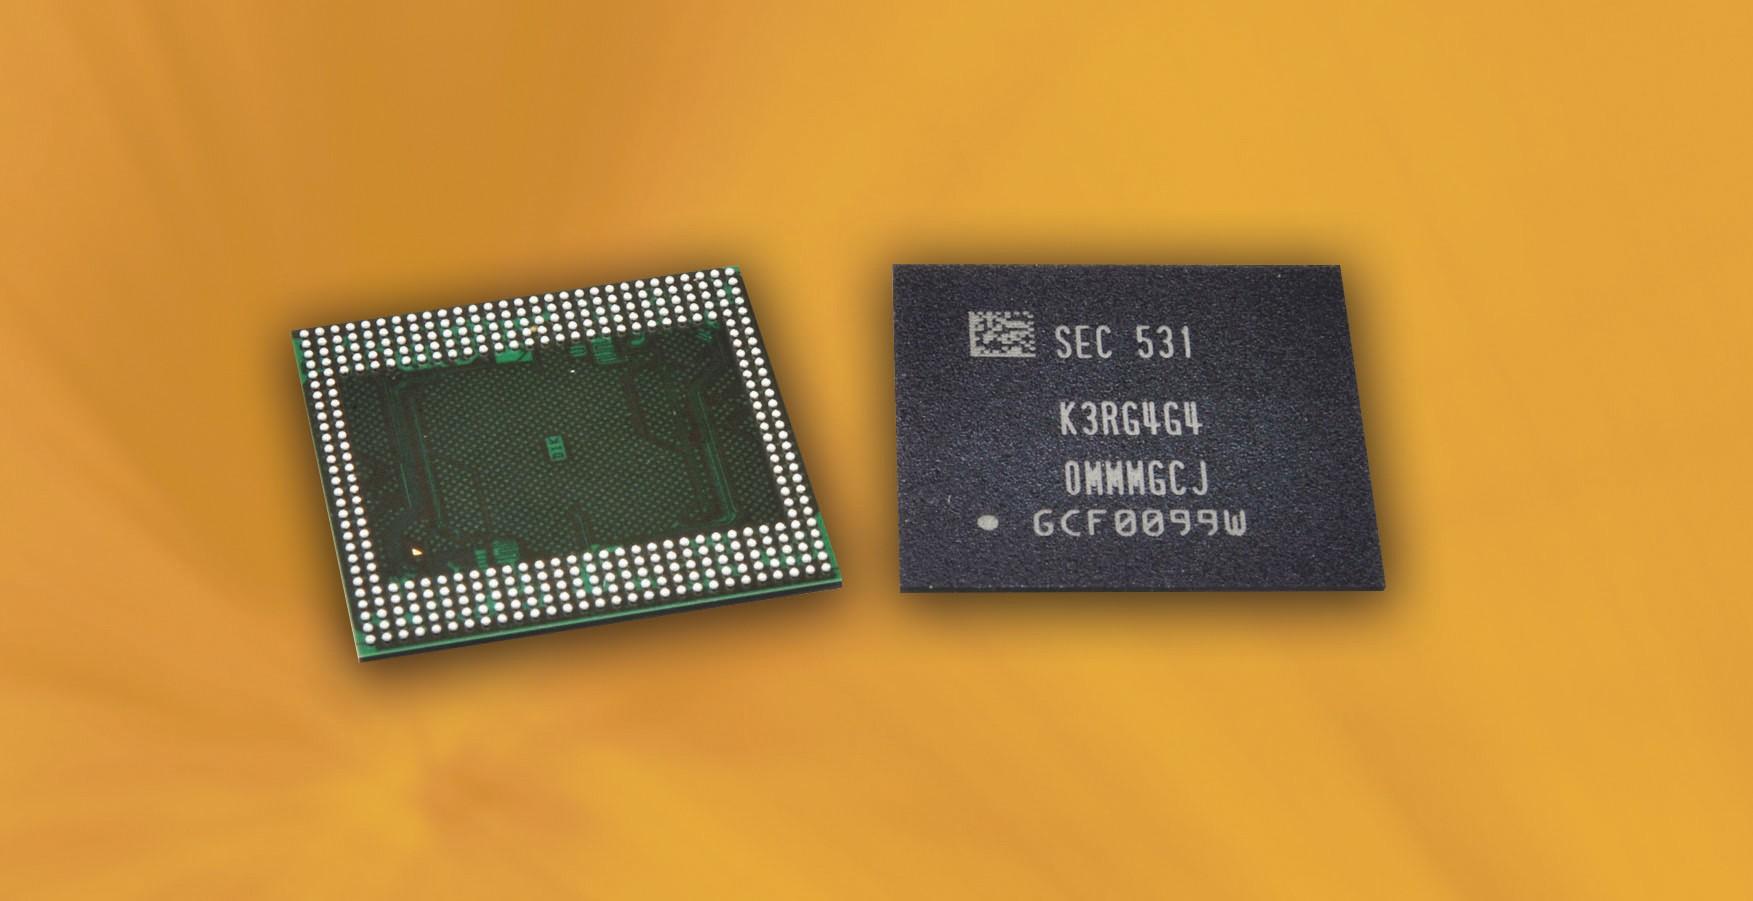 Samsung DRAM 6GB - Samsung khởi động sản xuất chip RAM 6GB cho điện thoại